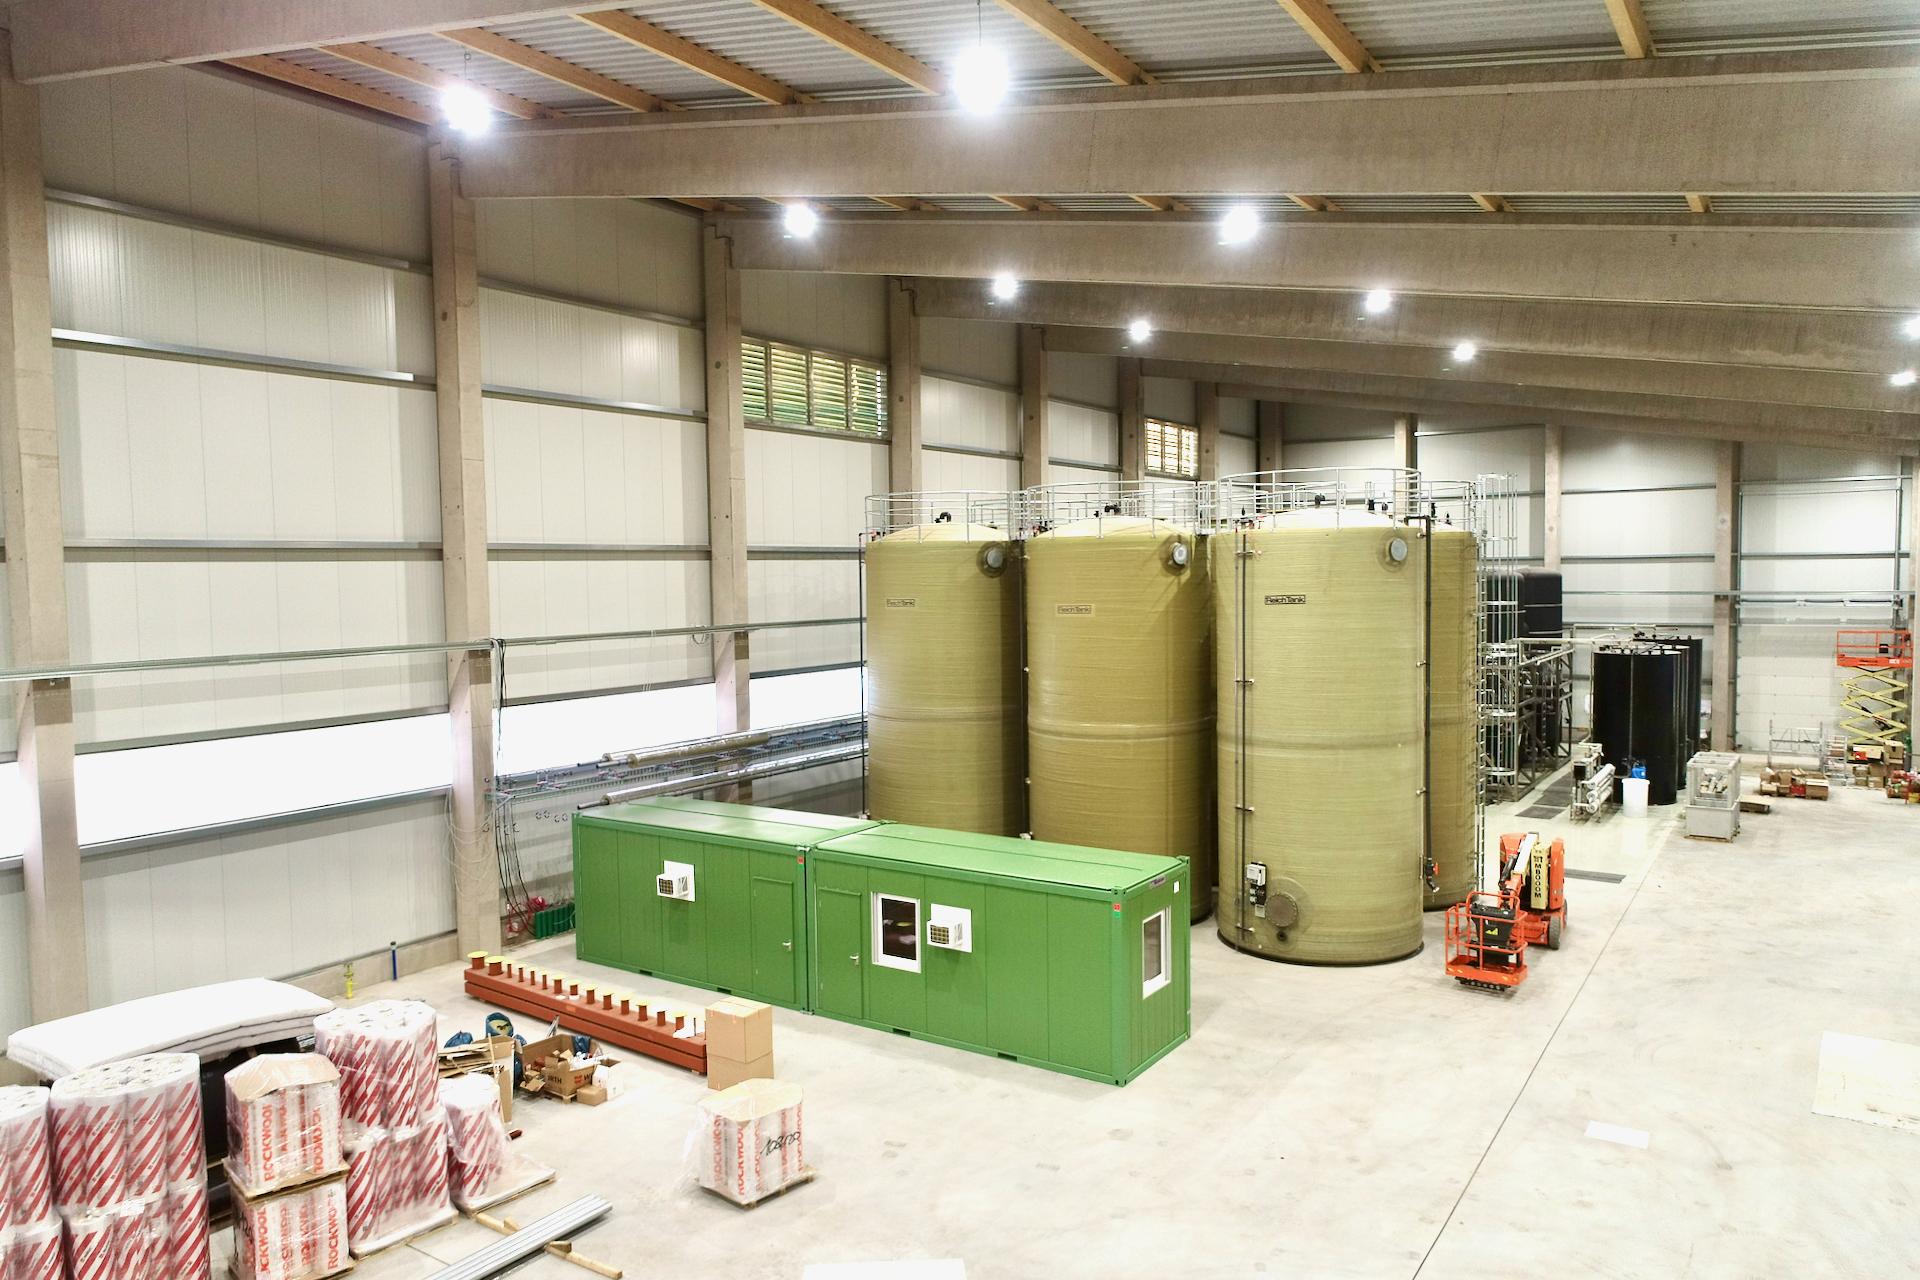 UHM Wasseraufbereitungsanlage in der Halle mit Steuerung